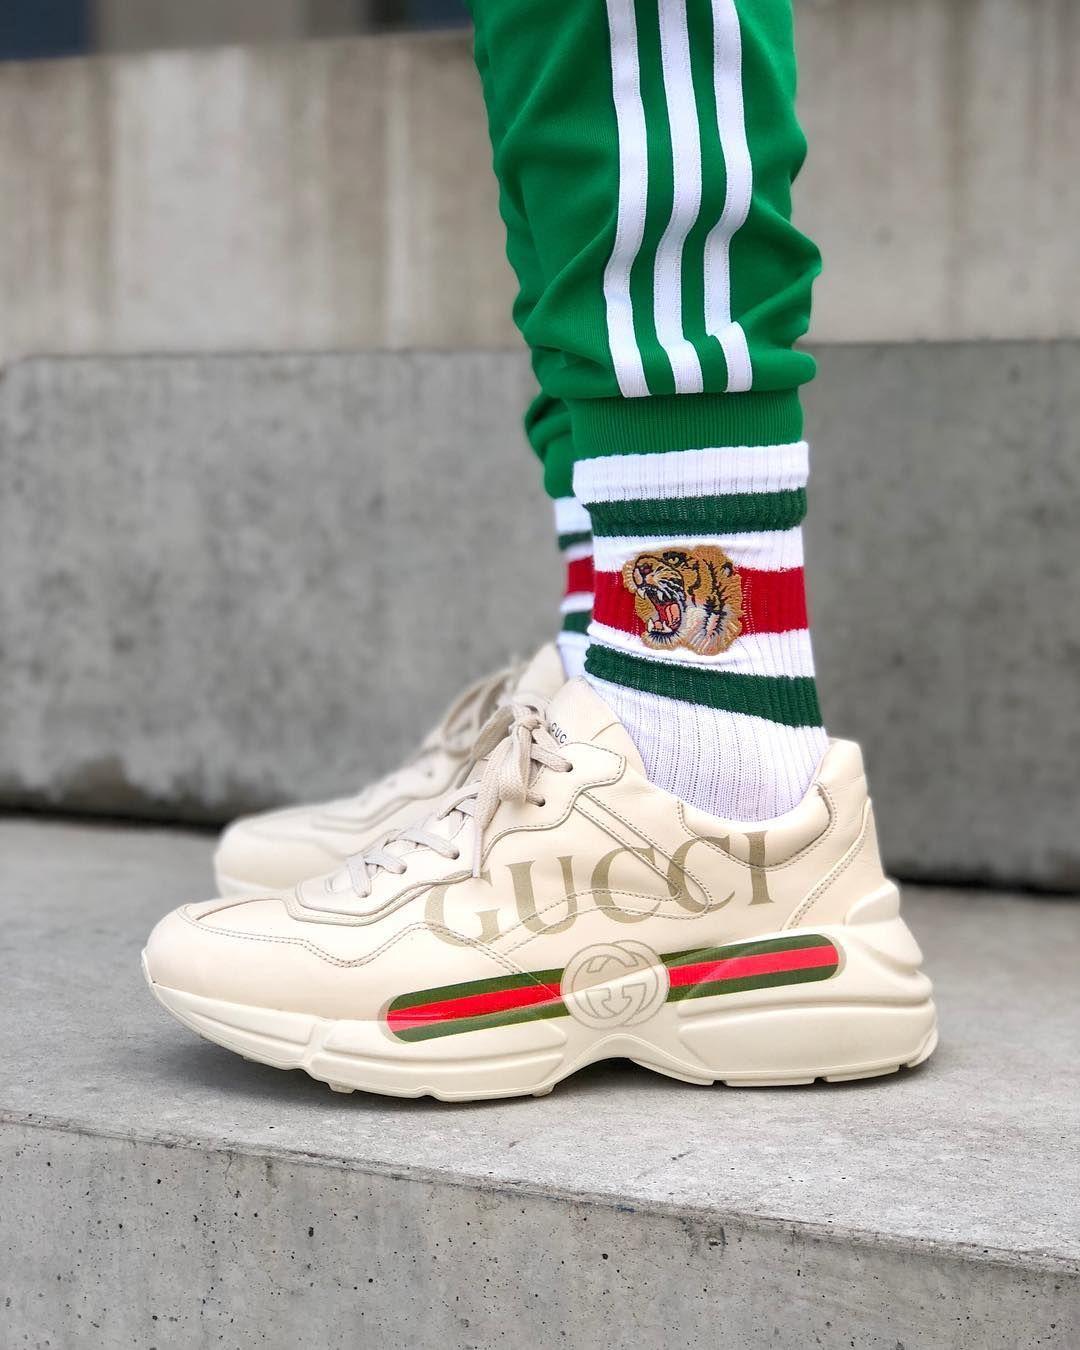 tendenze scarpe uomo inverno 2019, gucci sneakers, scarpe grosse